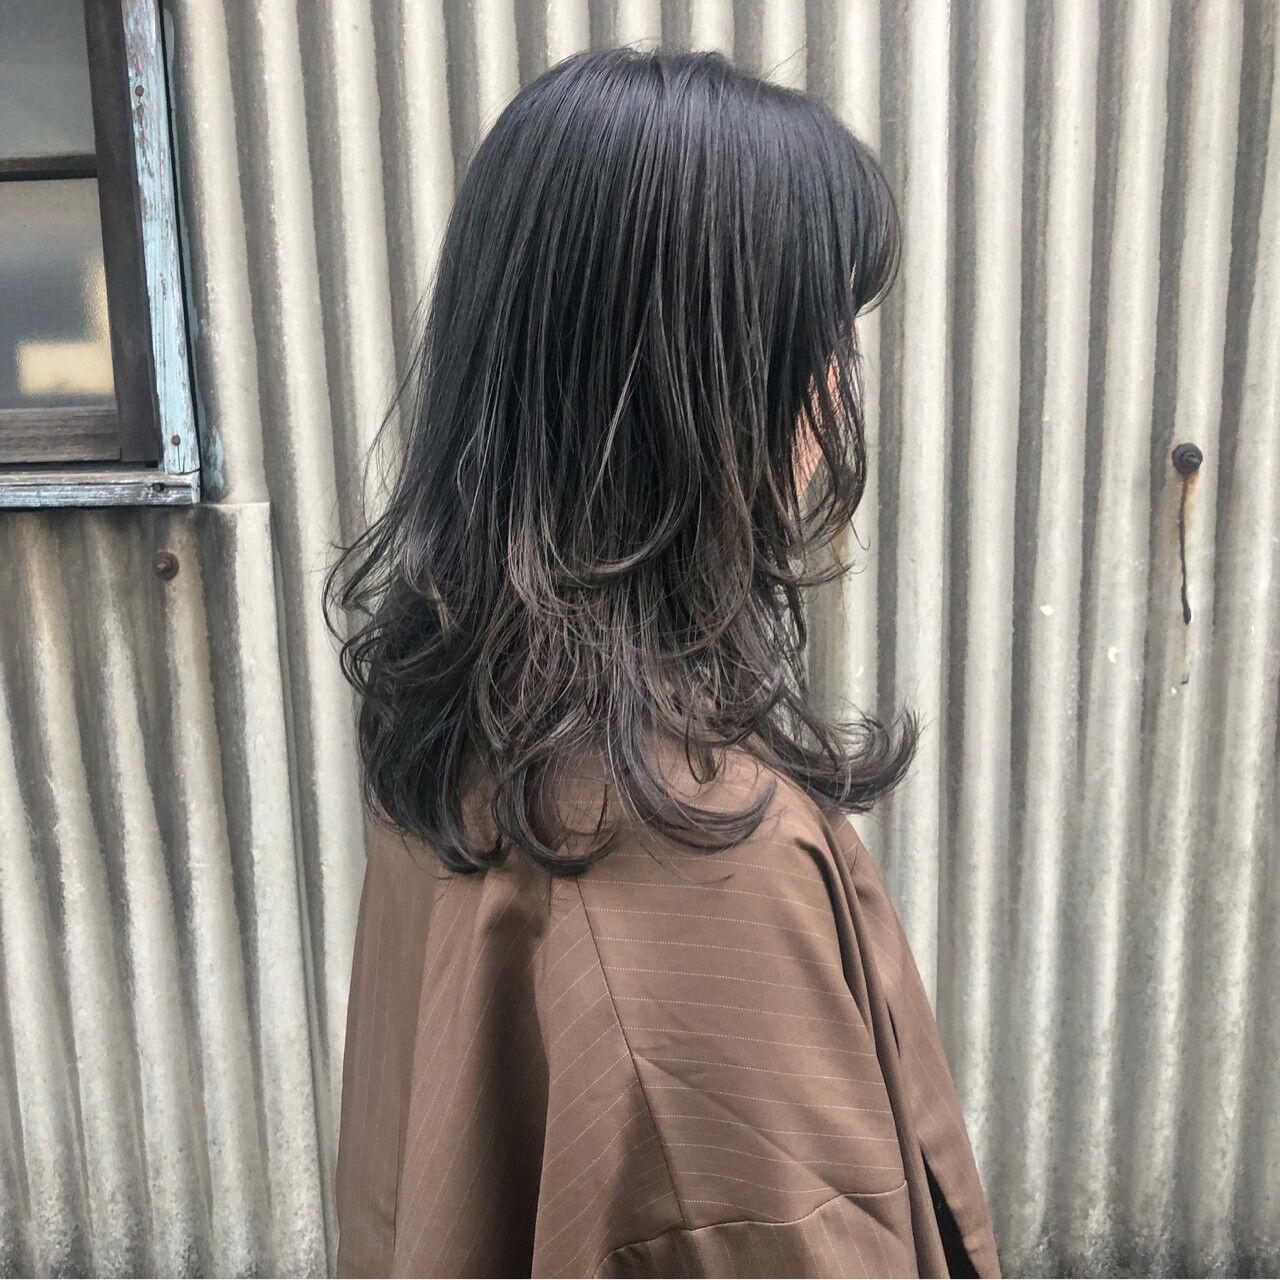 セミロング ウェーブ アッシュグレー レイヤーカットヘアスタイルや髪型の写真・画像